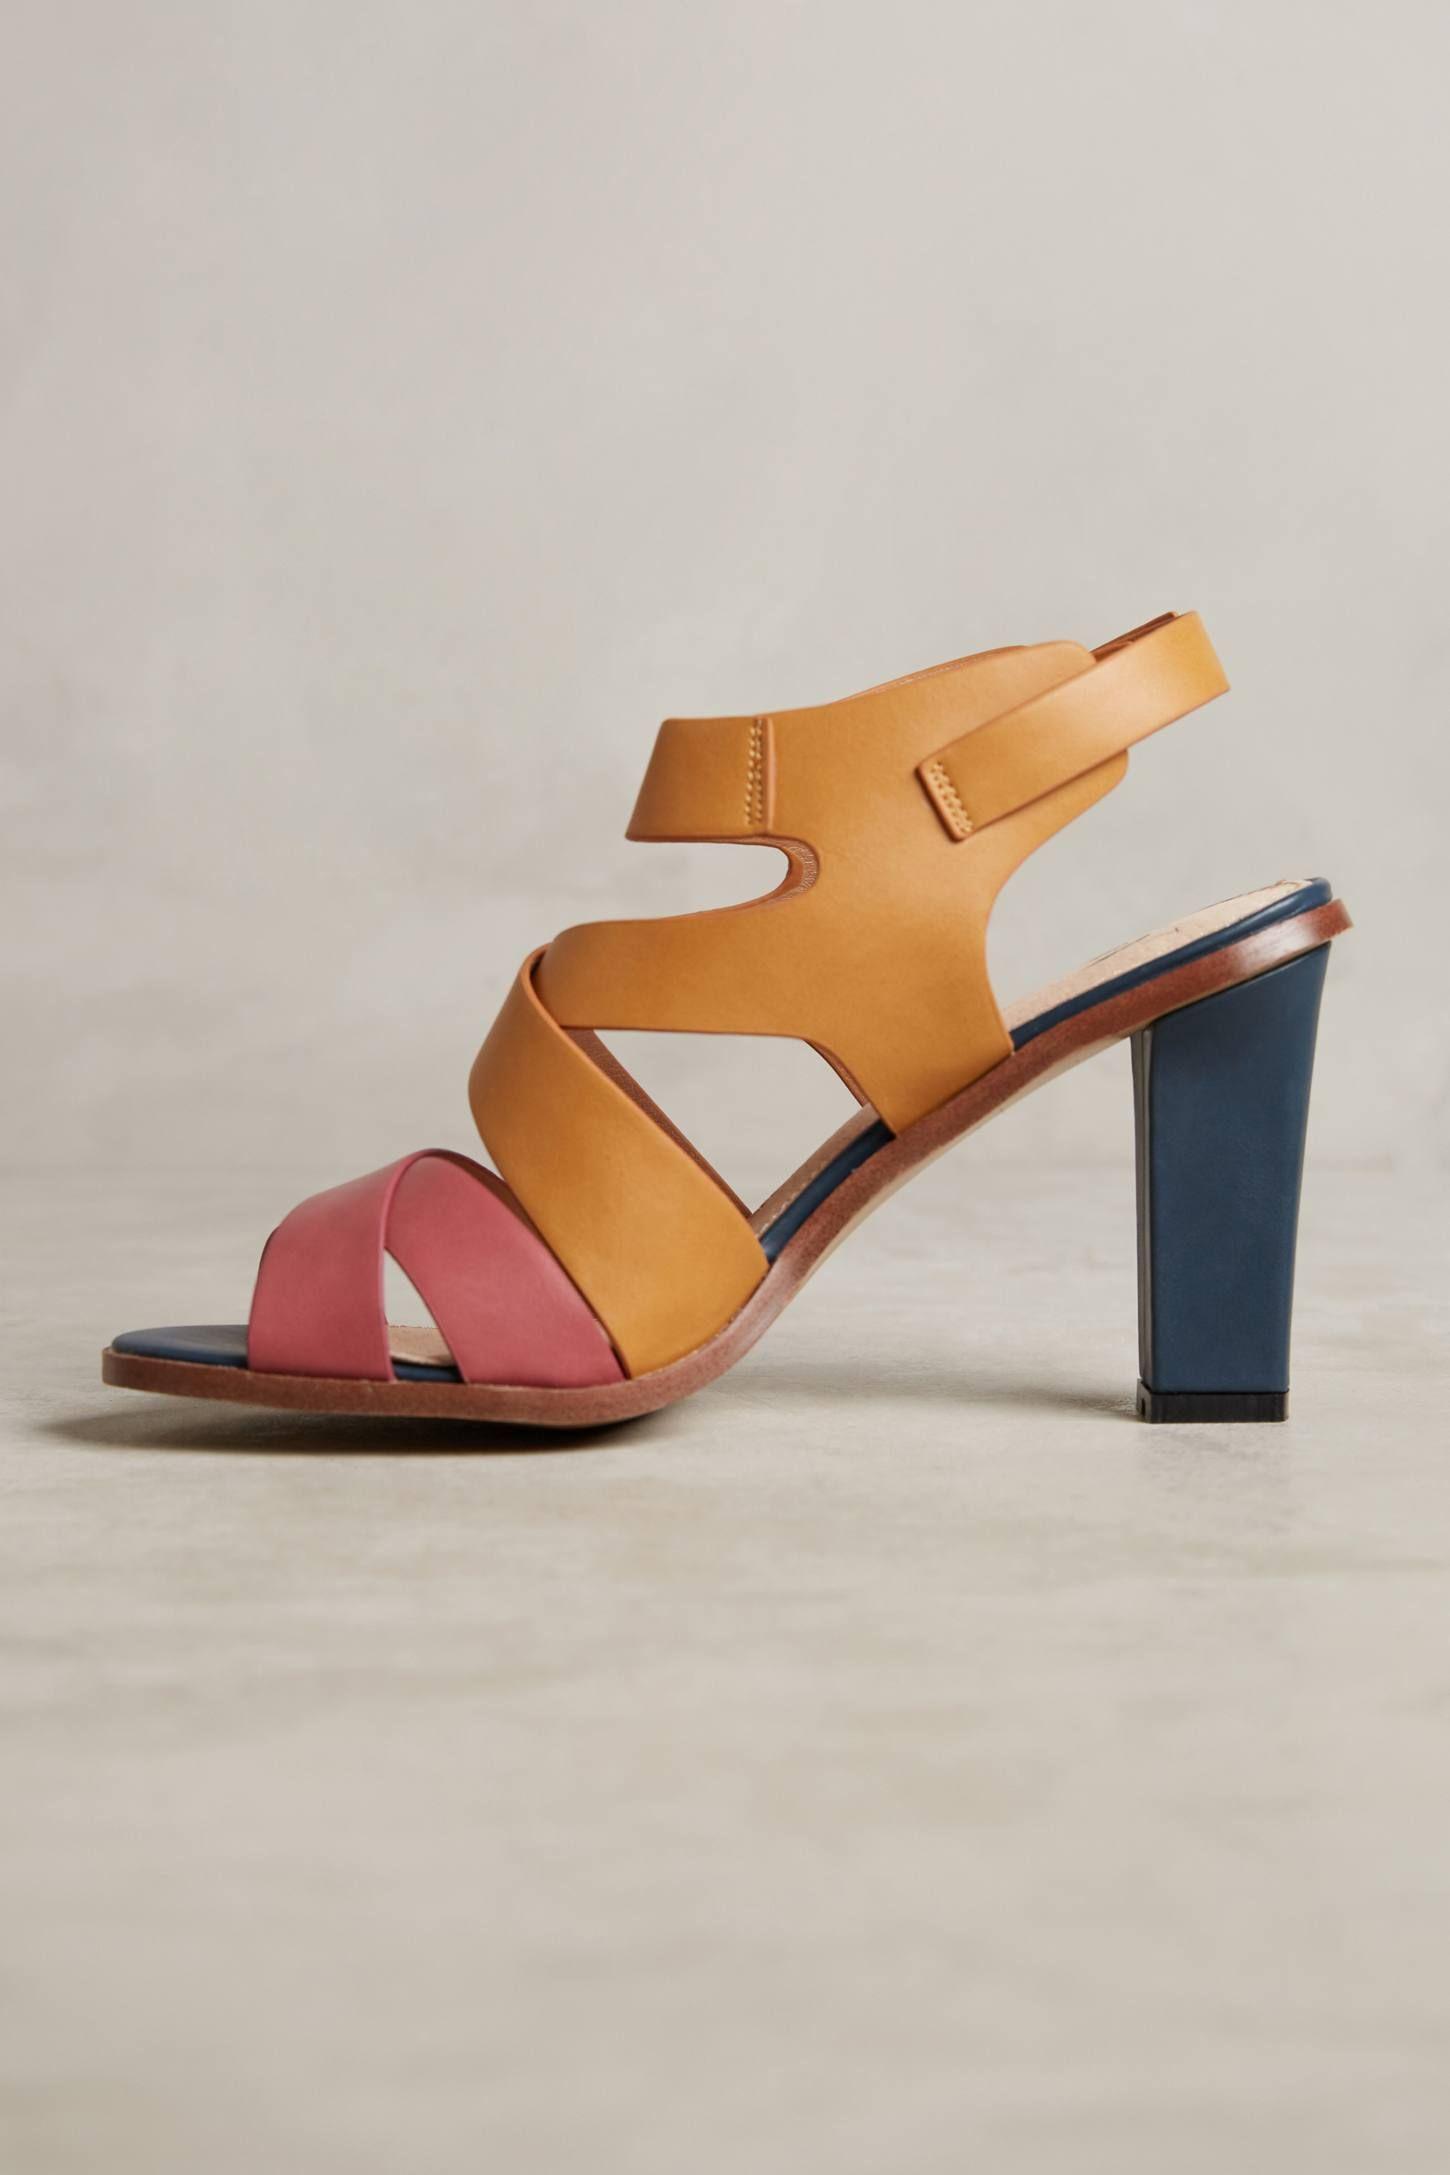 3c4cc43ba9 Vanessa Wu Colorblock Heeled Sandals | เกิบ | Sandals, Heels, Color ...